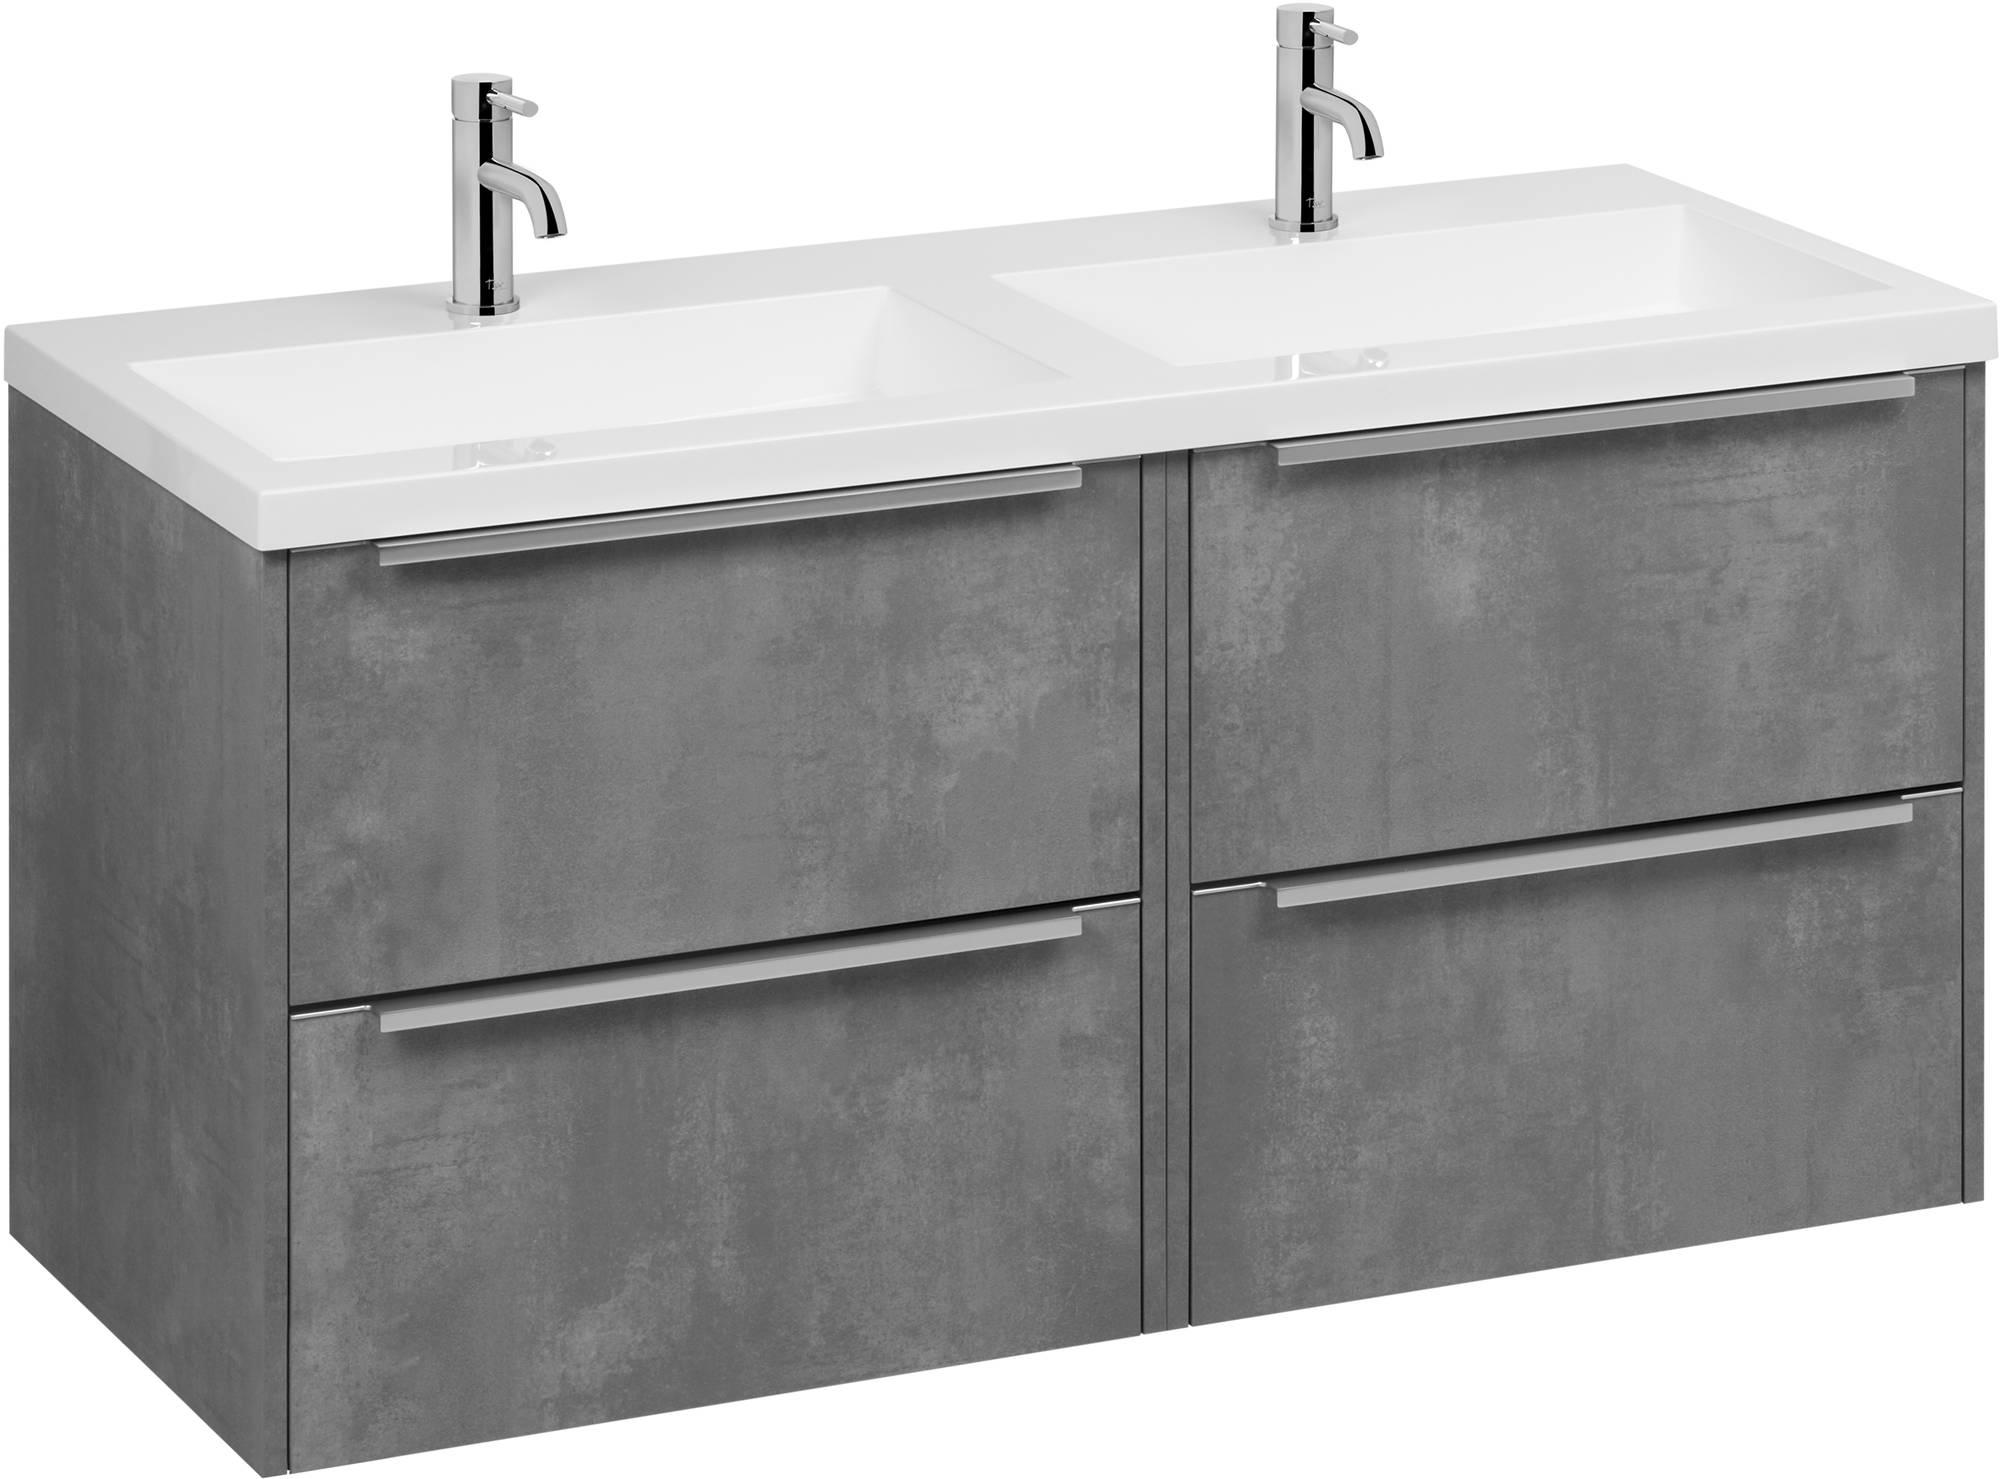 Saniselect Socan badmeubelset met 4 lades en dubbele wasbak 120cm beton grijs